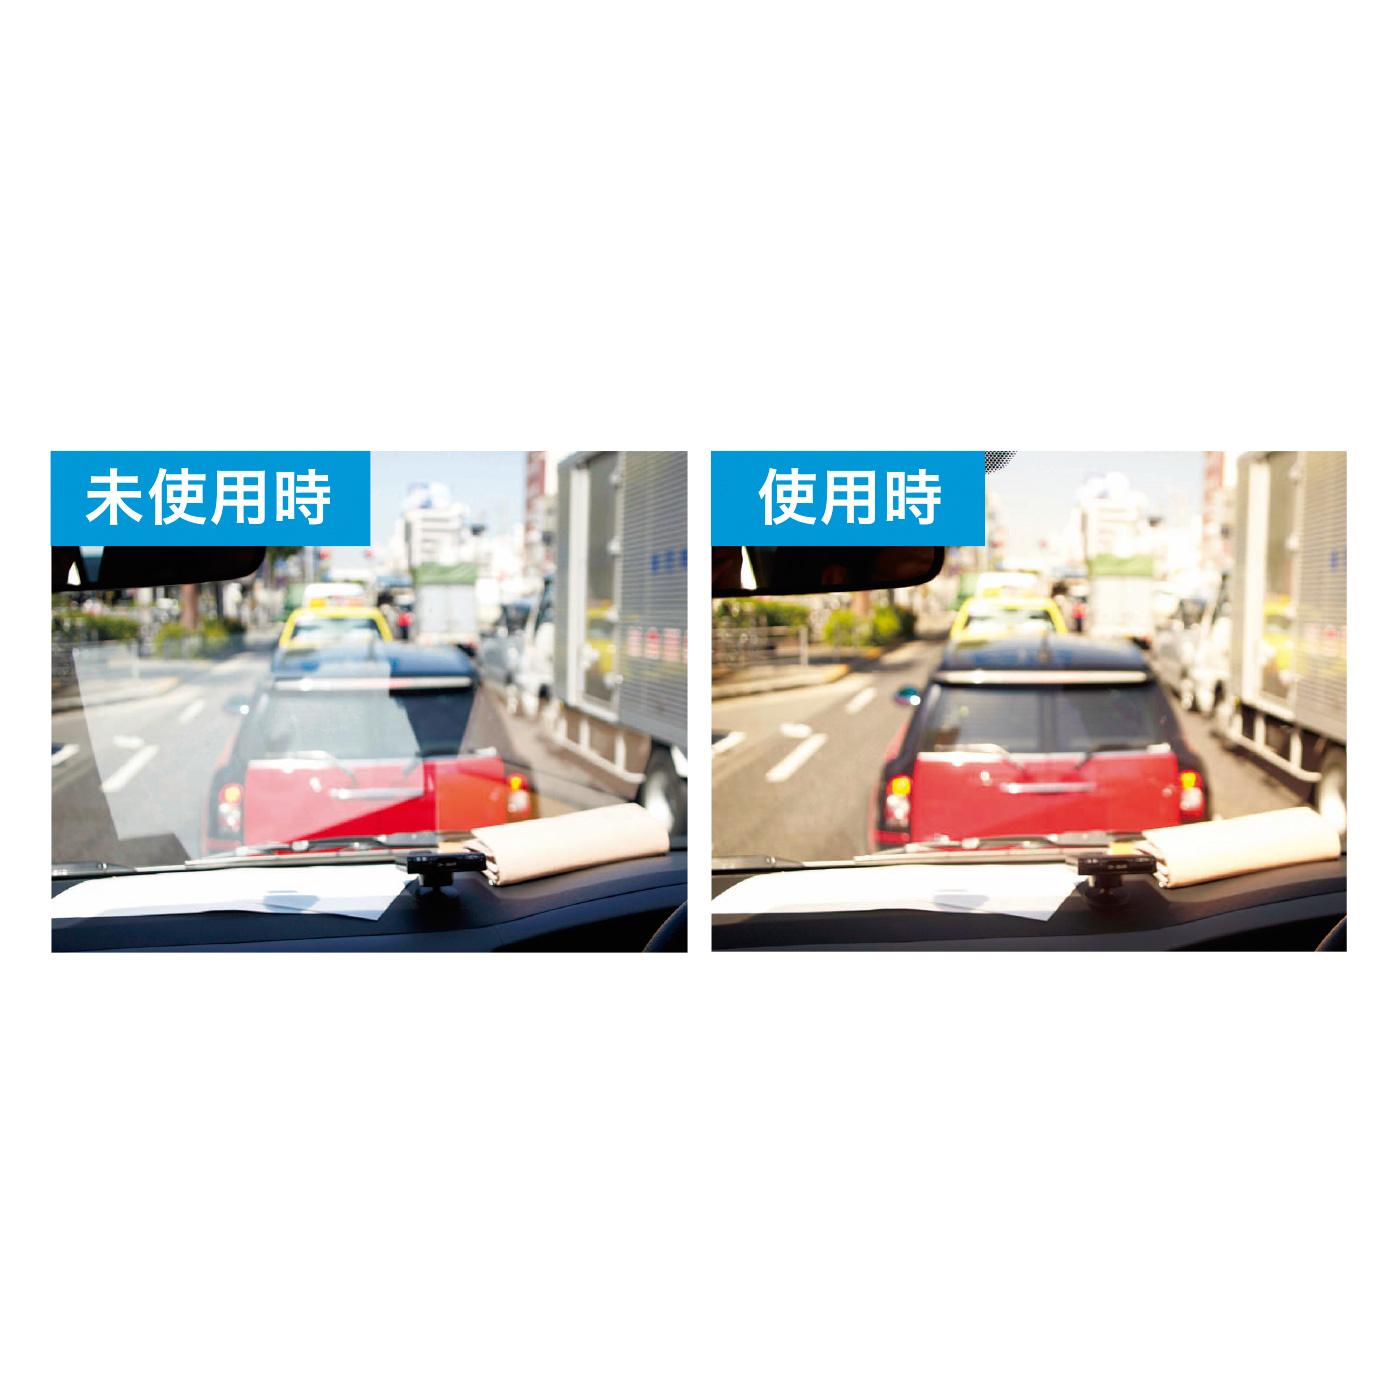 反射光やギラつきをおさえる偏光レンズ使用で、ドライブや水辺でのレジャーにもおすすめです。